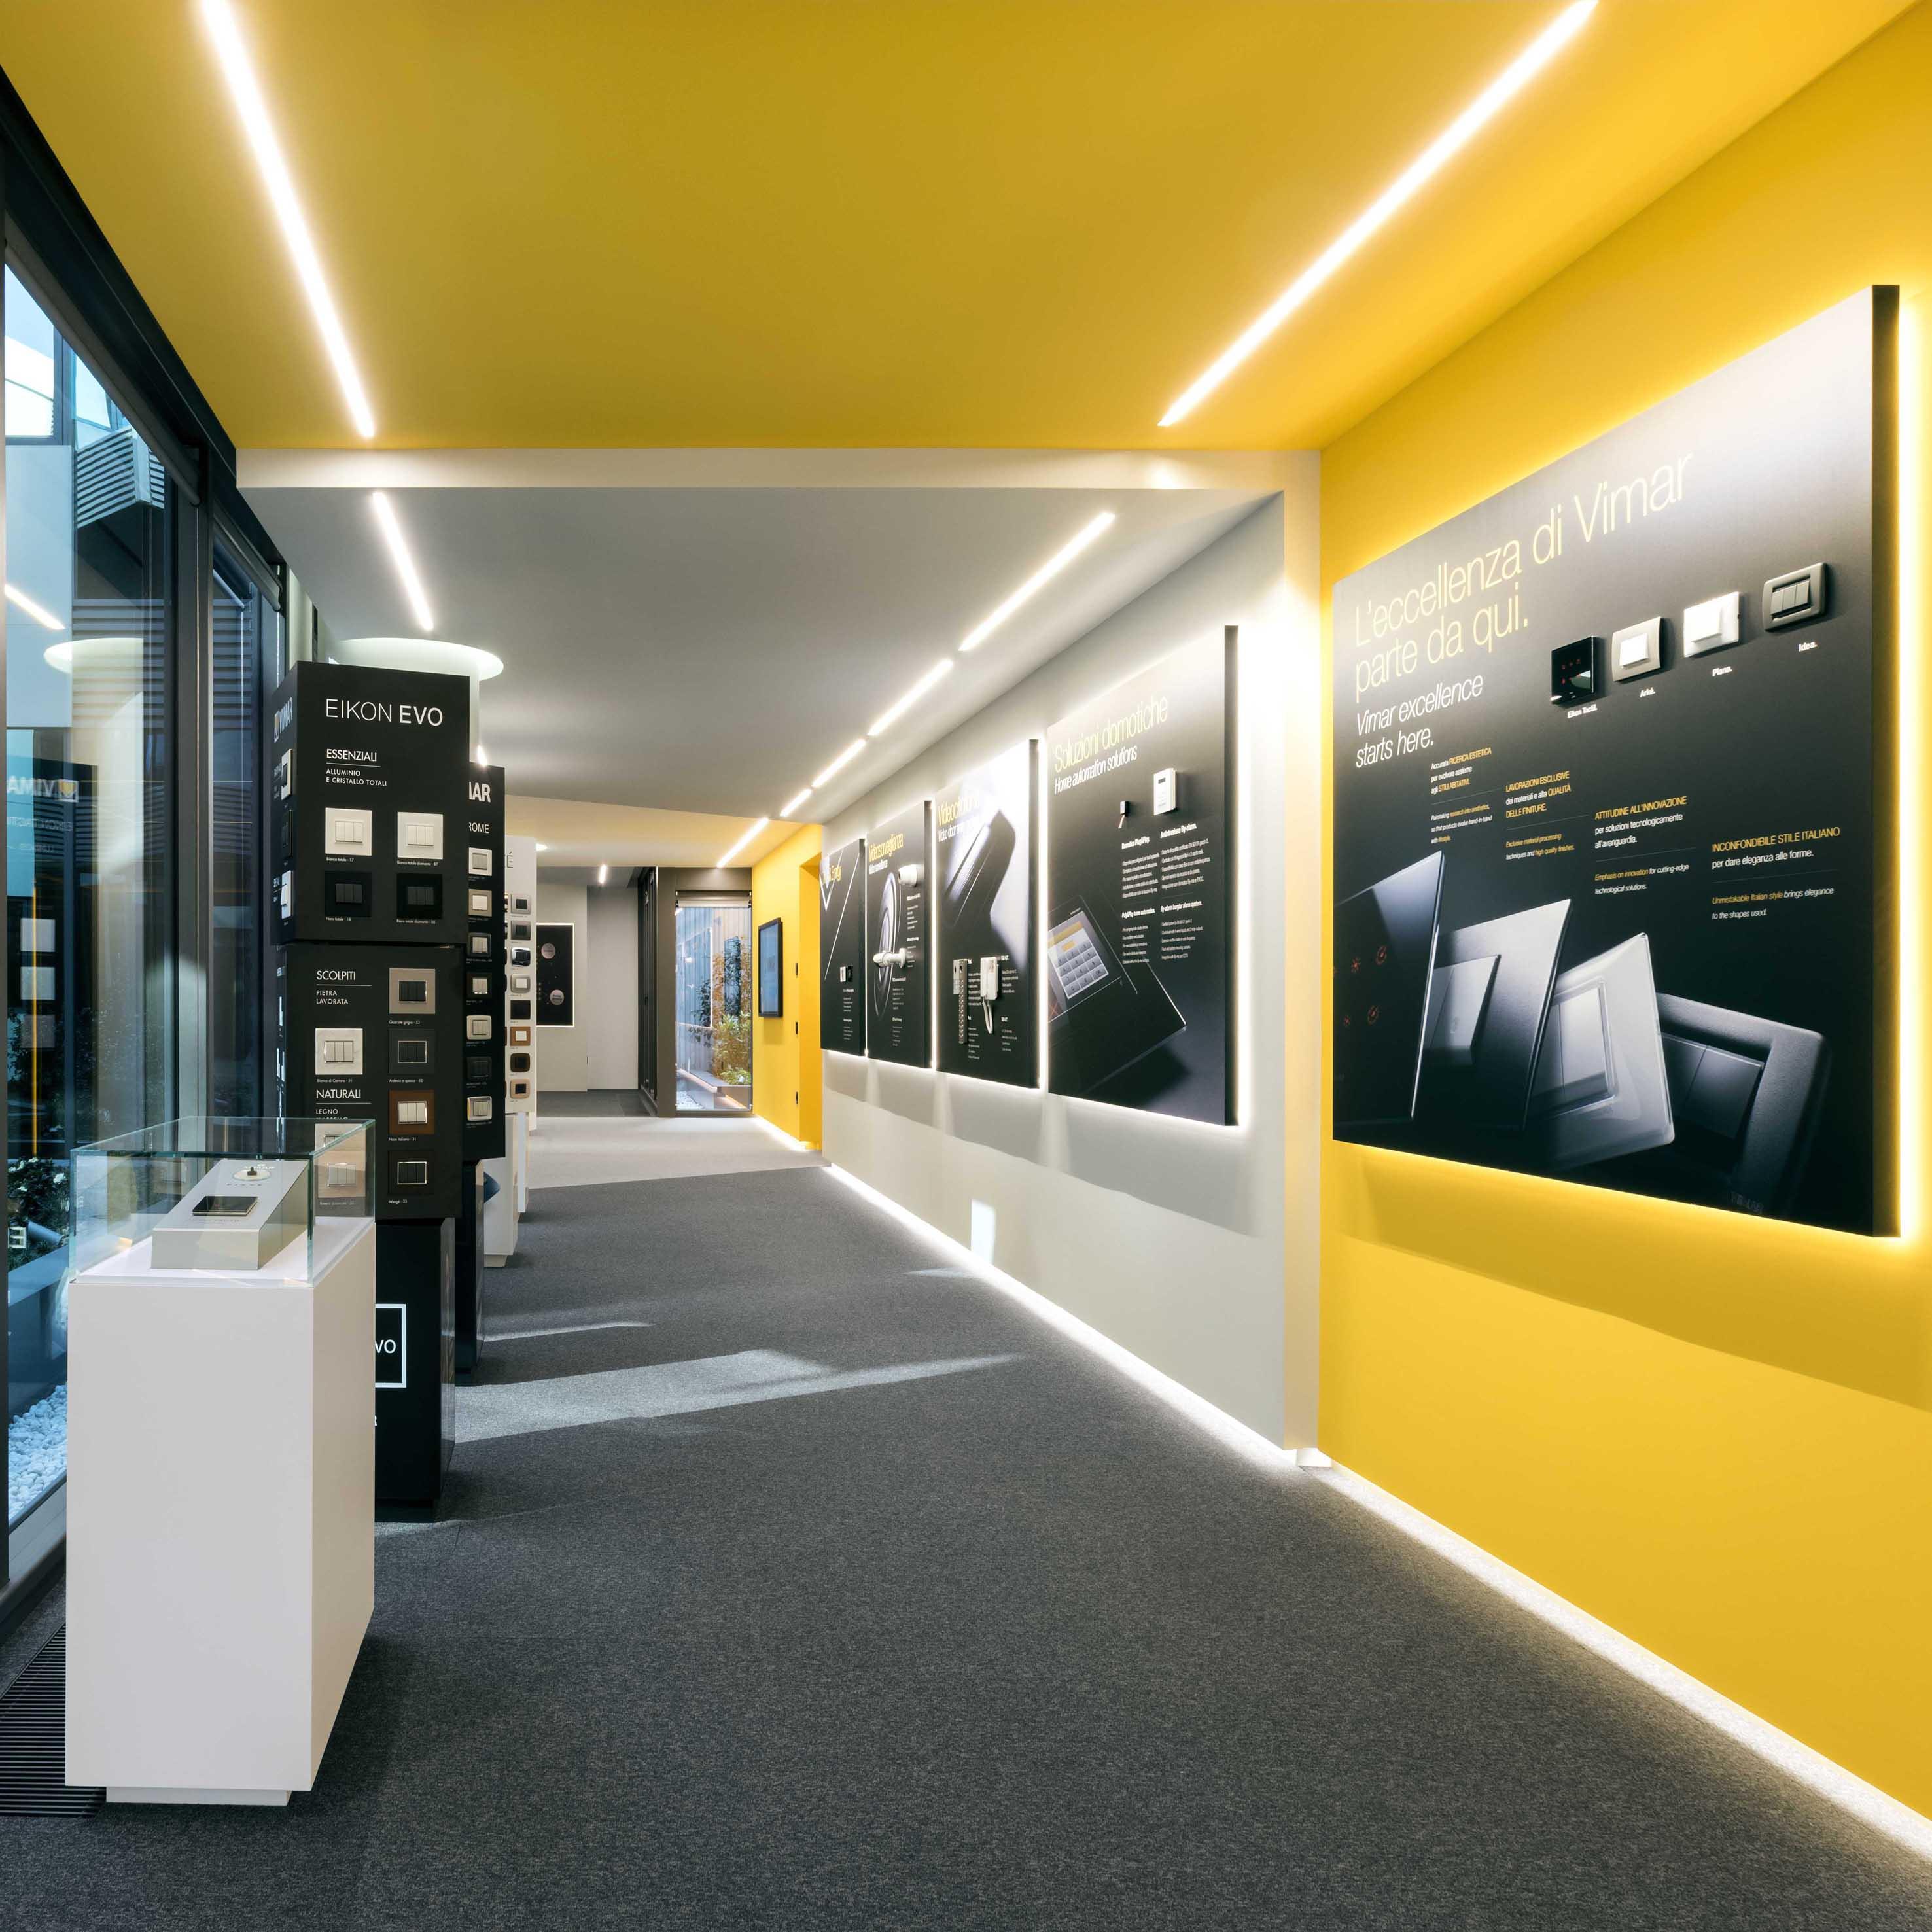 Schemi Elettrici Hormann : Un mondo di energia positiva nel nuovo showroom vimar limpianto